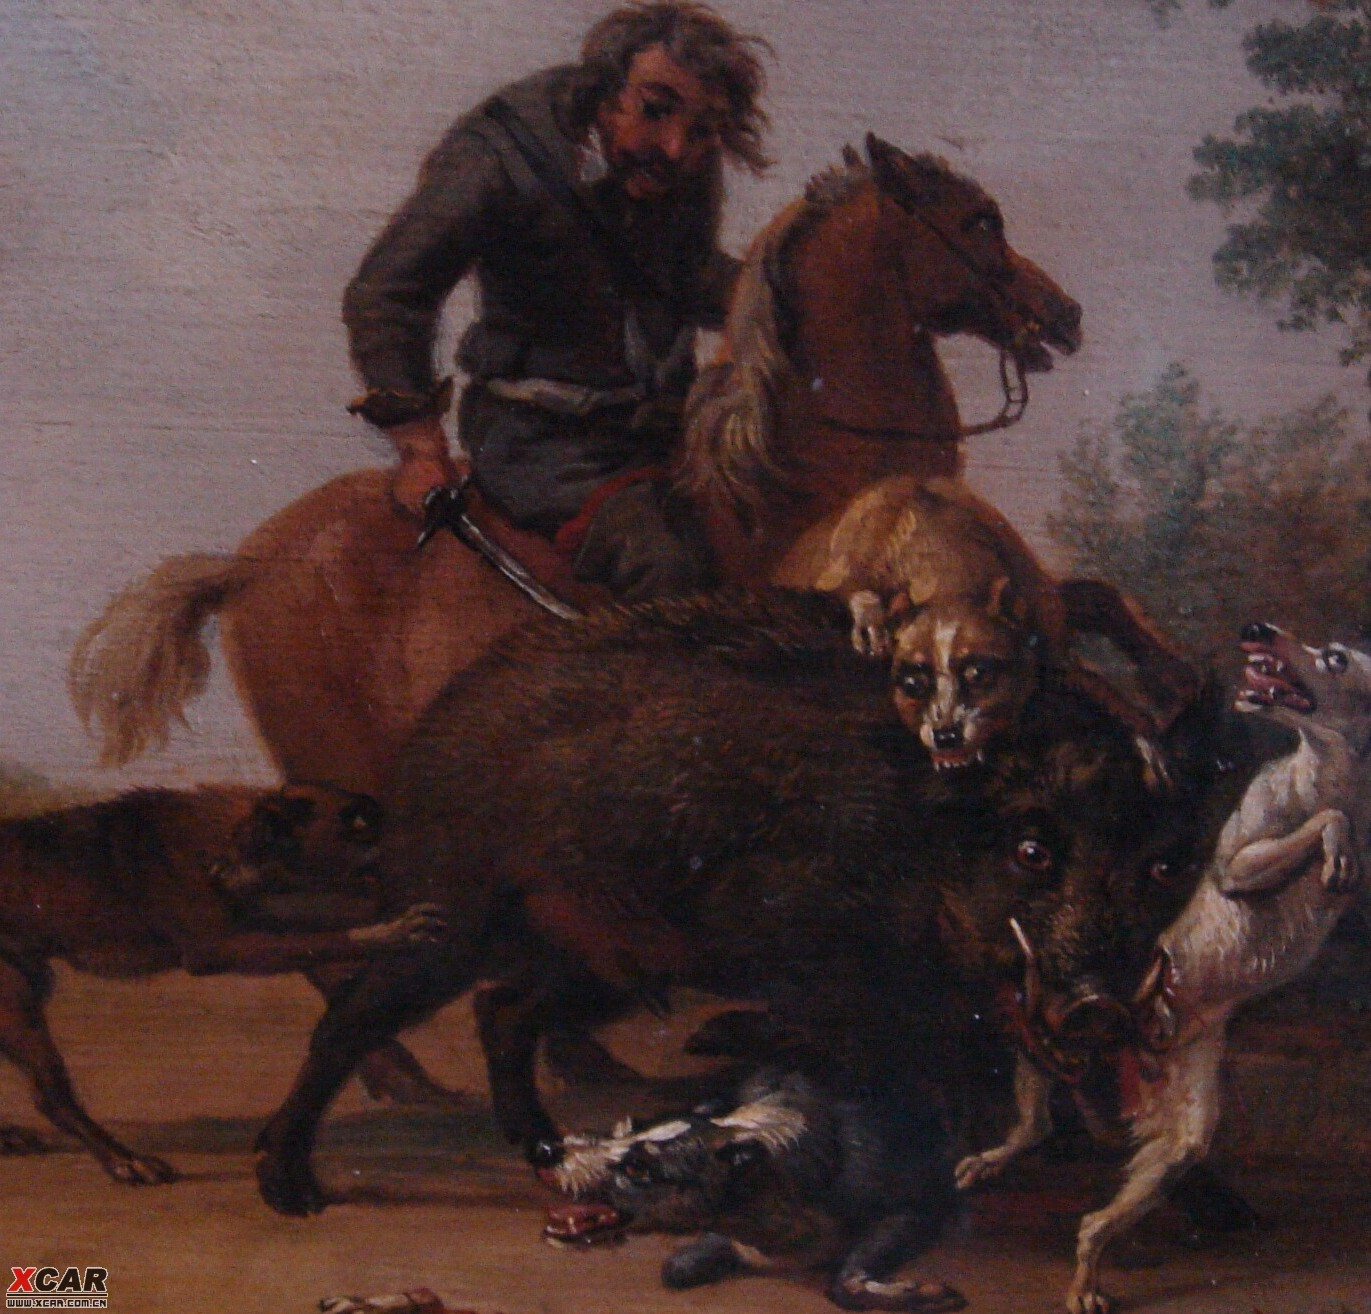 动物们开始反抗,审判人类,吊死猎狗